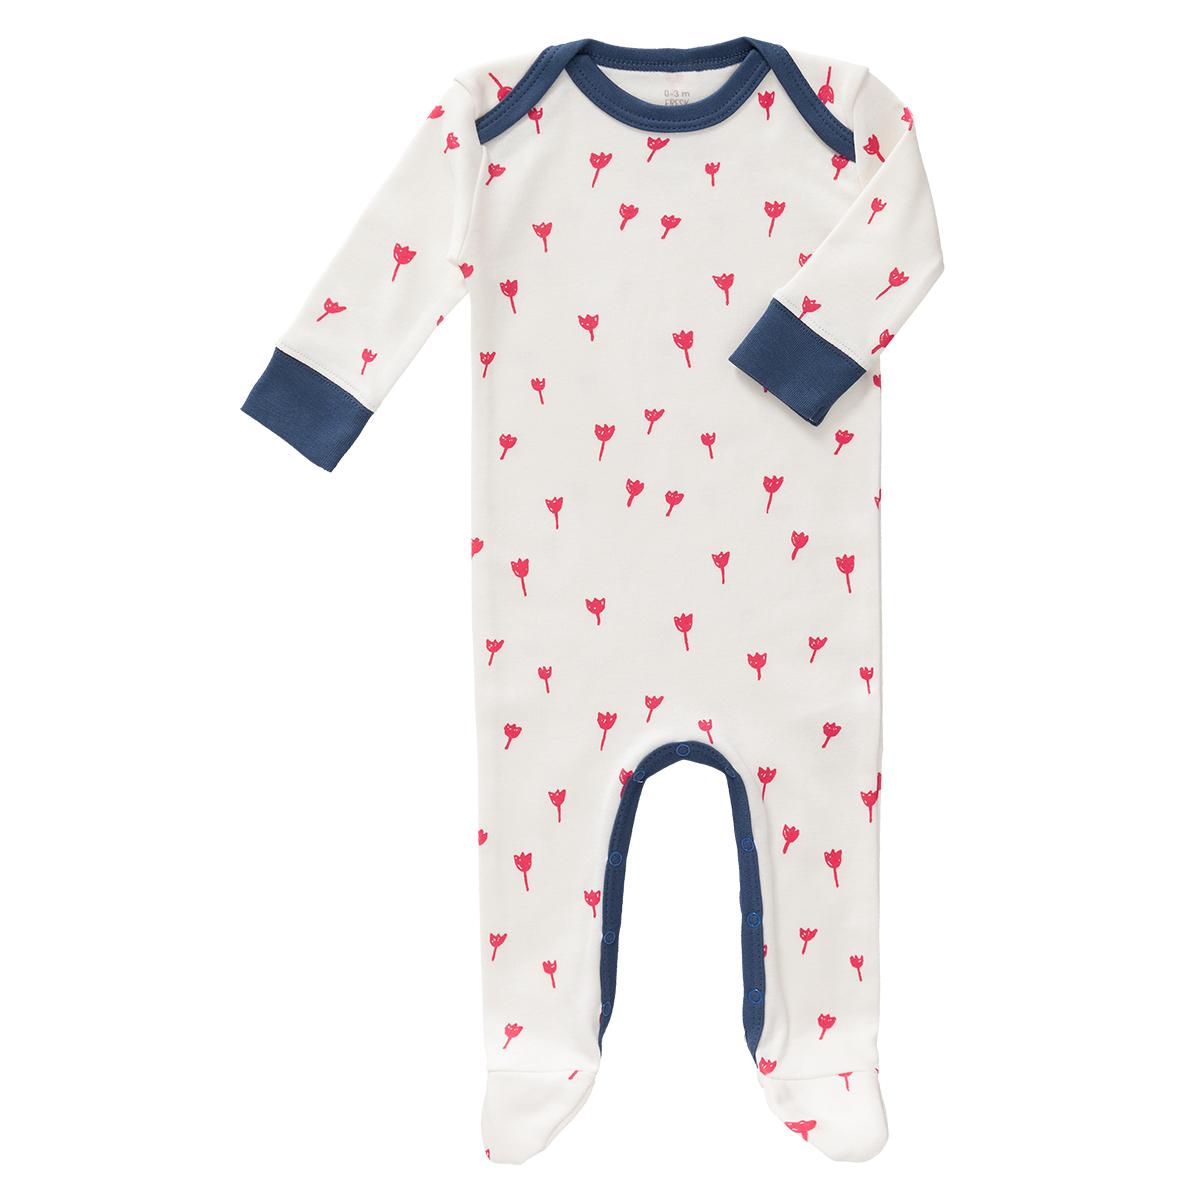 Body & Pyjama Pyjama Tulipes Rouges - 0/3 Mois Pyjama Tulipes Rouges - 0/3 Mois